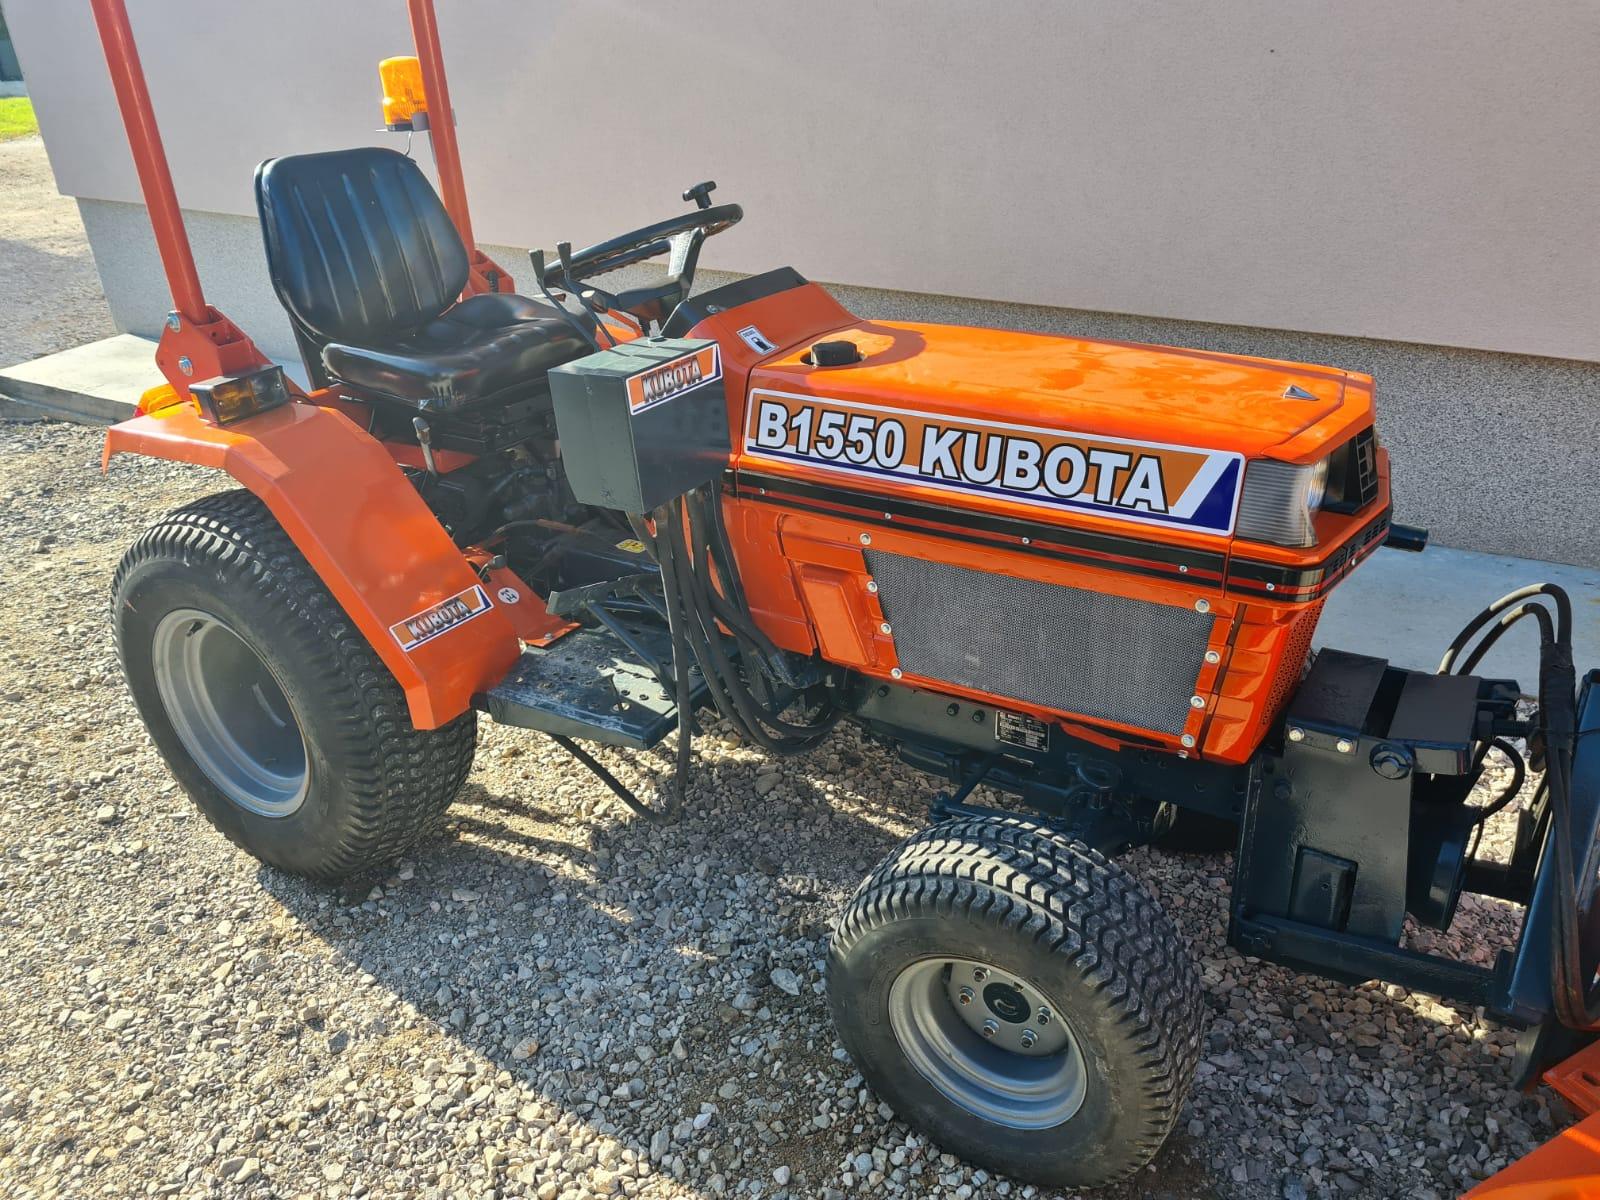 KUBOTA B1550